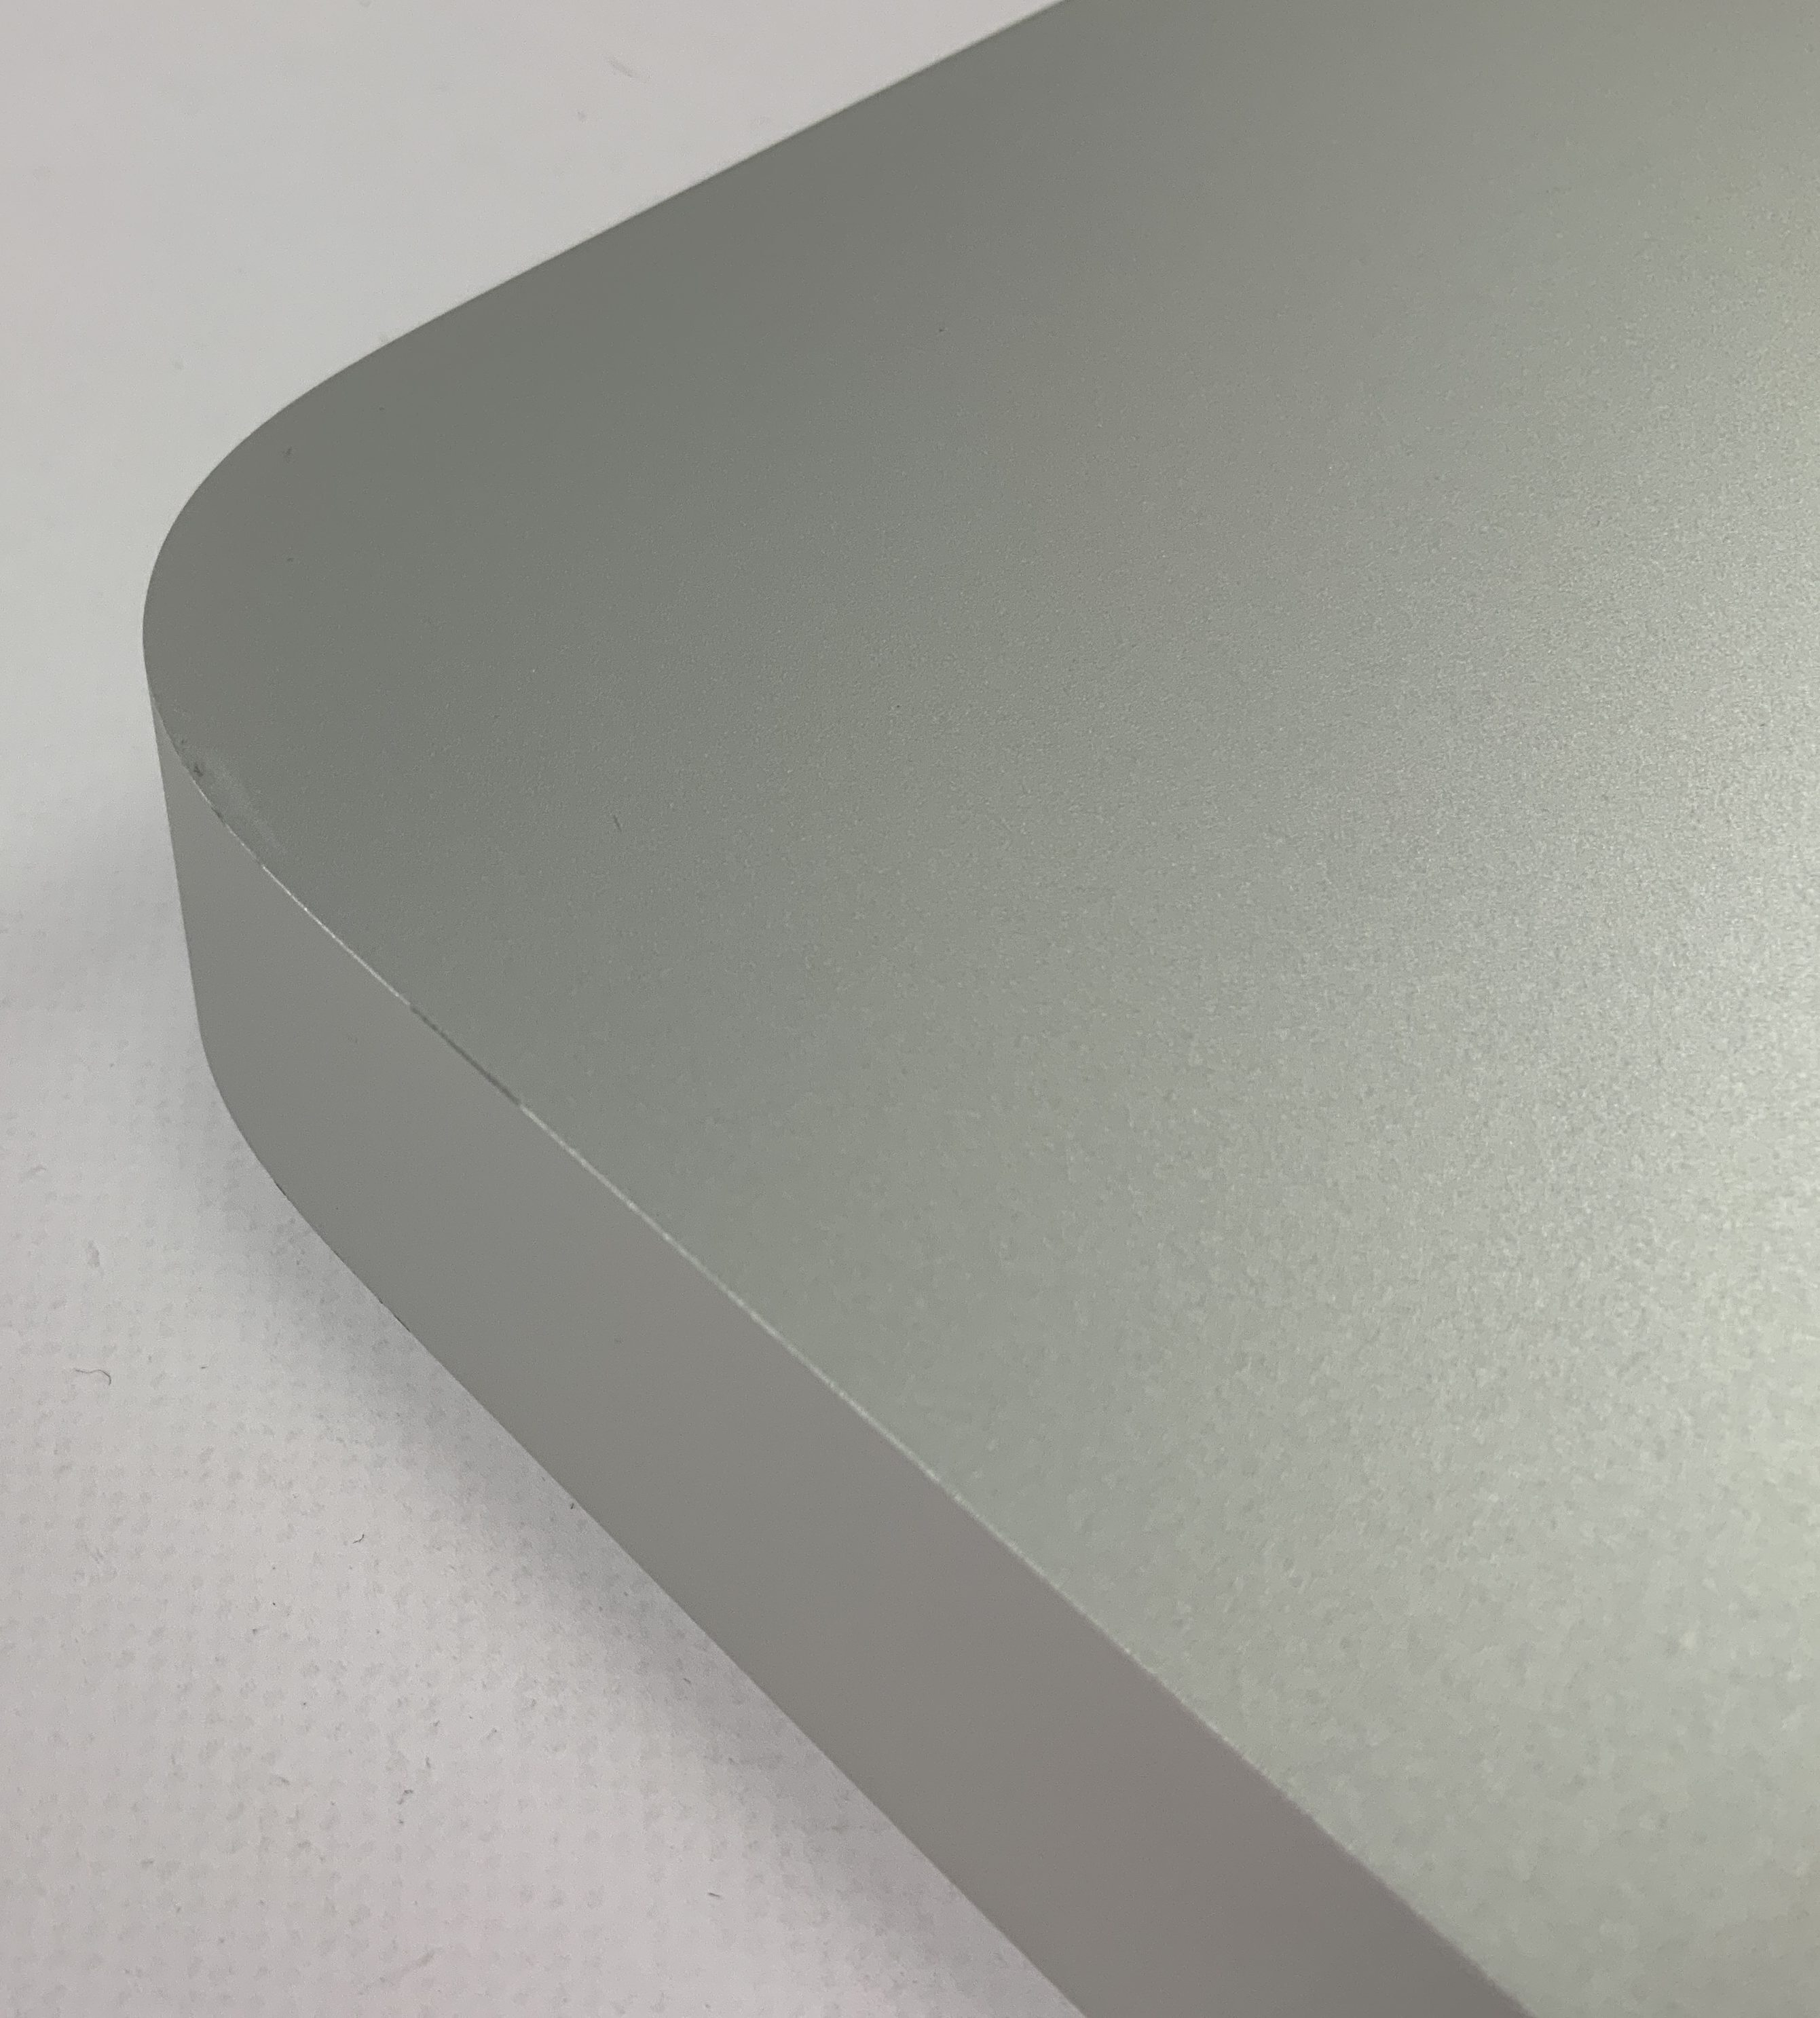 Mac Mini Late 2014 (Intel Core i7 3.0 GHz 16 GB RAM 256 GB SSD), Intel Core i7 3.0 GHz, 16 GB RAM, 256 GB SSD, Afbeelding 3